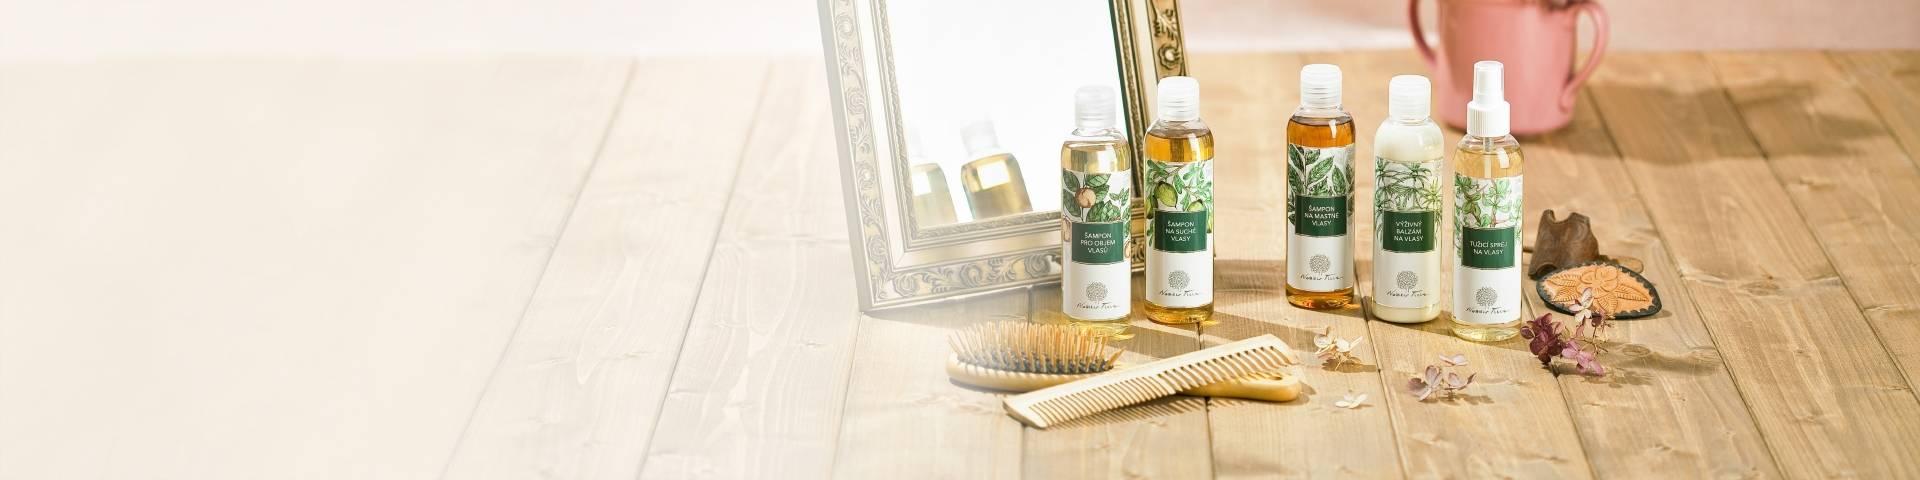 Obrázek kategorie Přírodní šampony a vlasová kosmetika